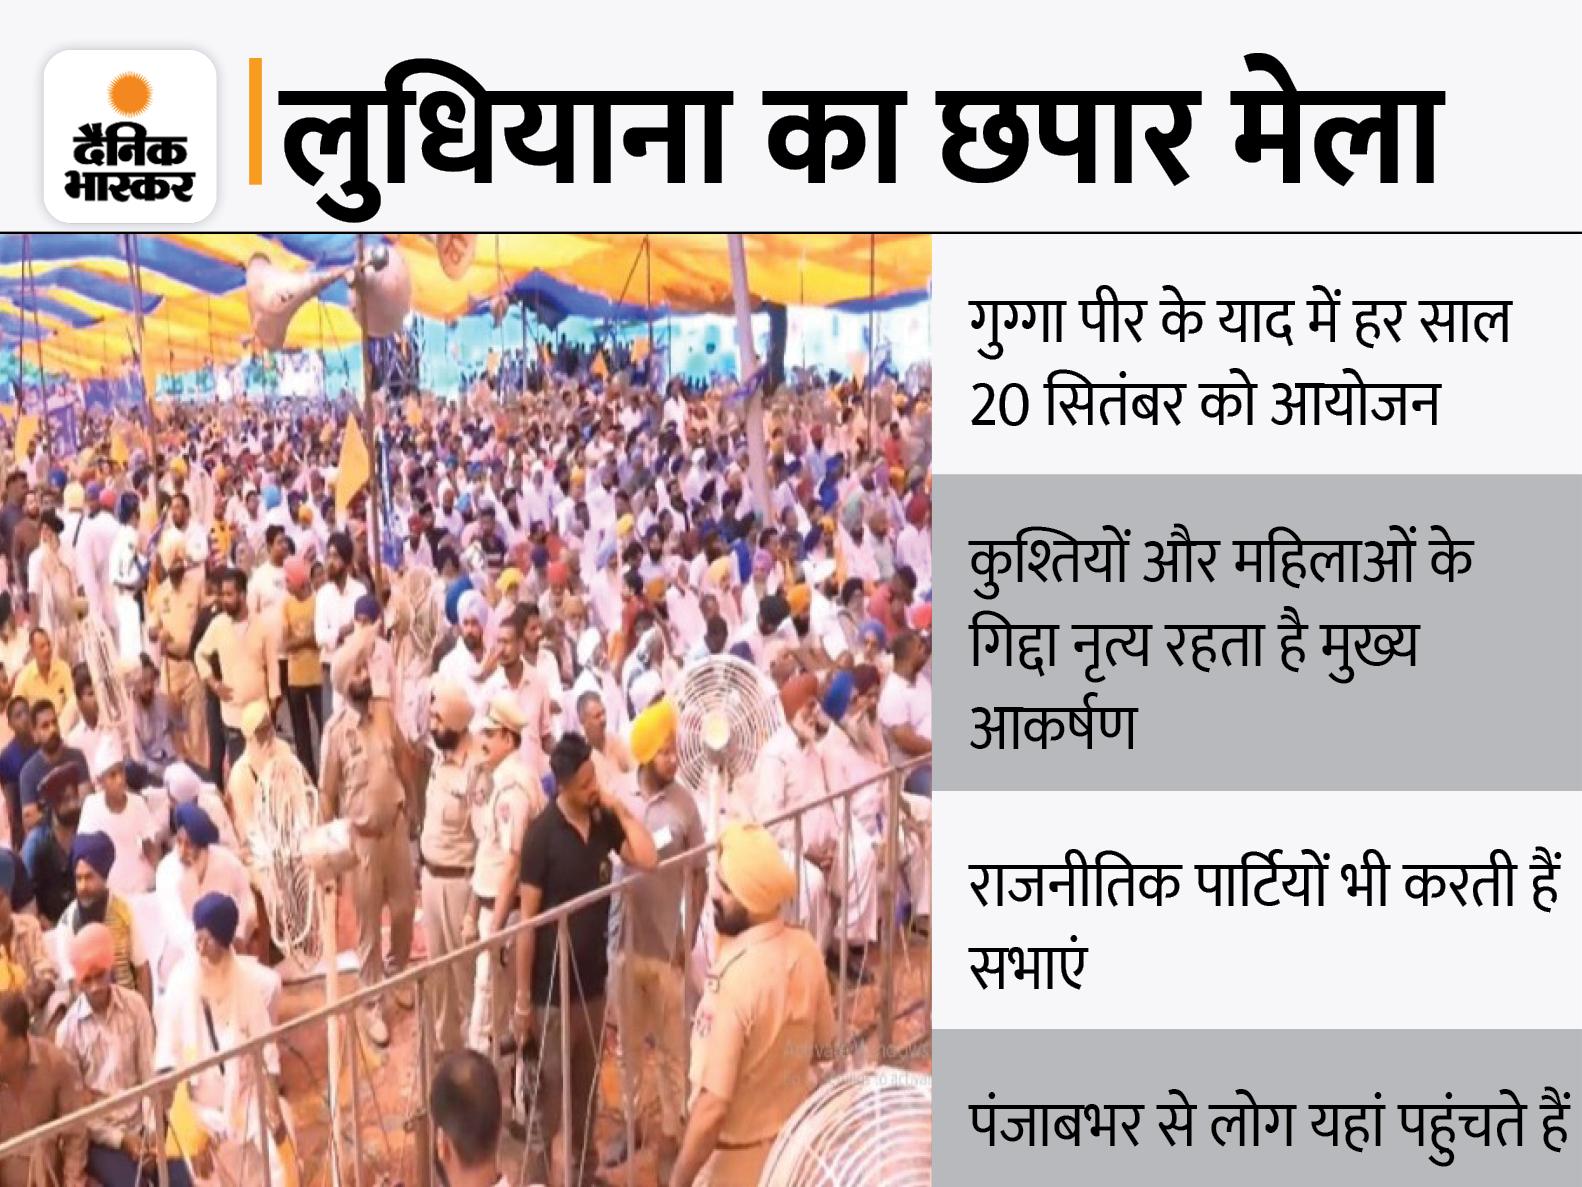 किसानों की चेतावनी के बाद अकाली दल और AAP ने लिया फैसला, कांग्रेस का रुख स्पष्ट नहीं; मालवा की कई सीटों पर होगा असर|लुधियाना,Ludhiana - Dainik Bhaskar